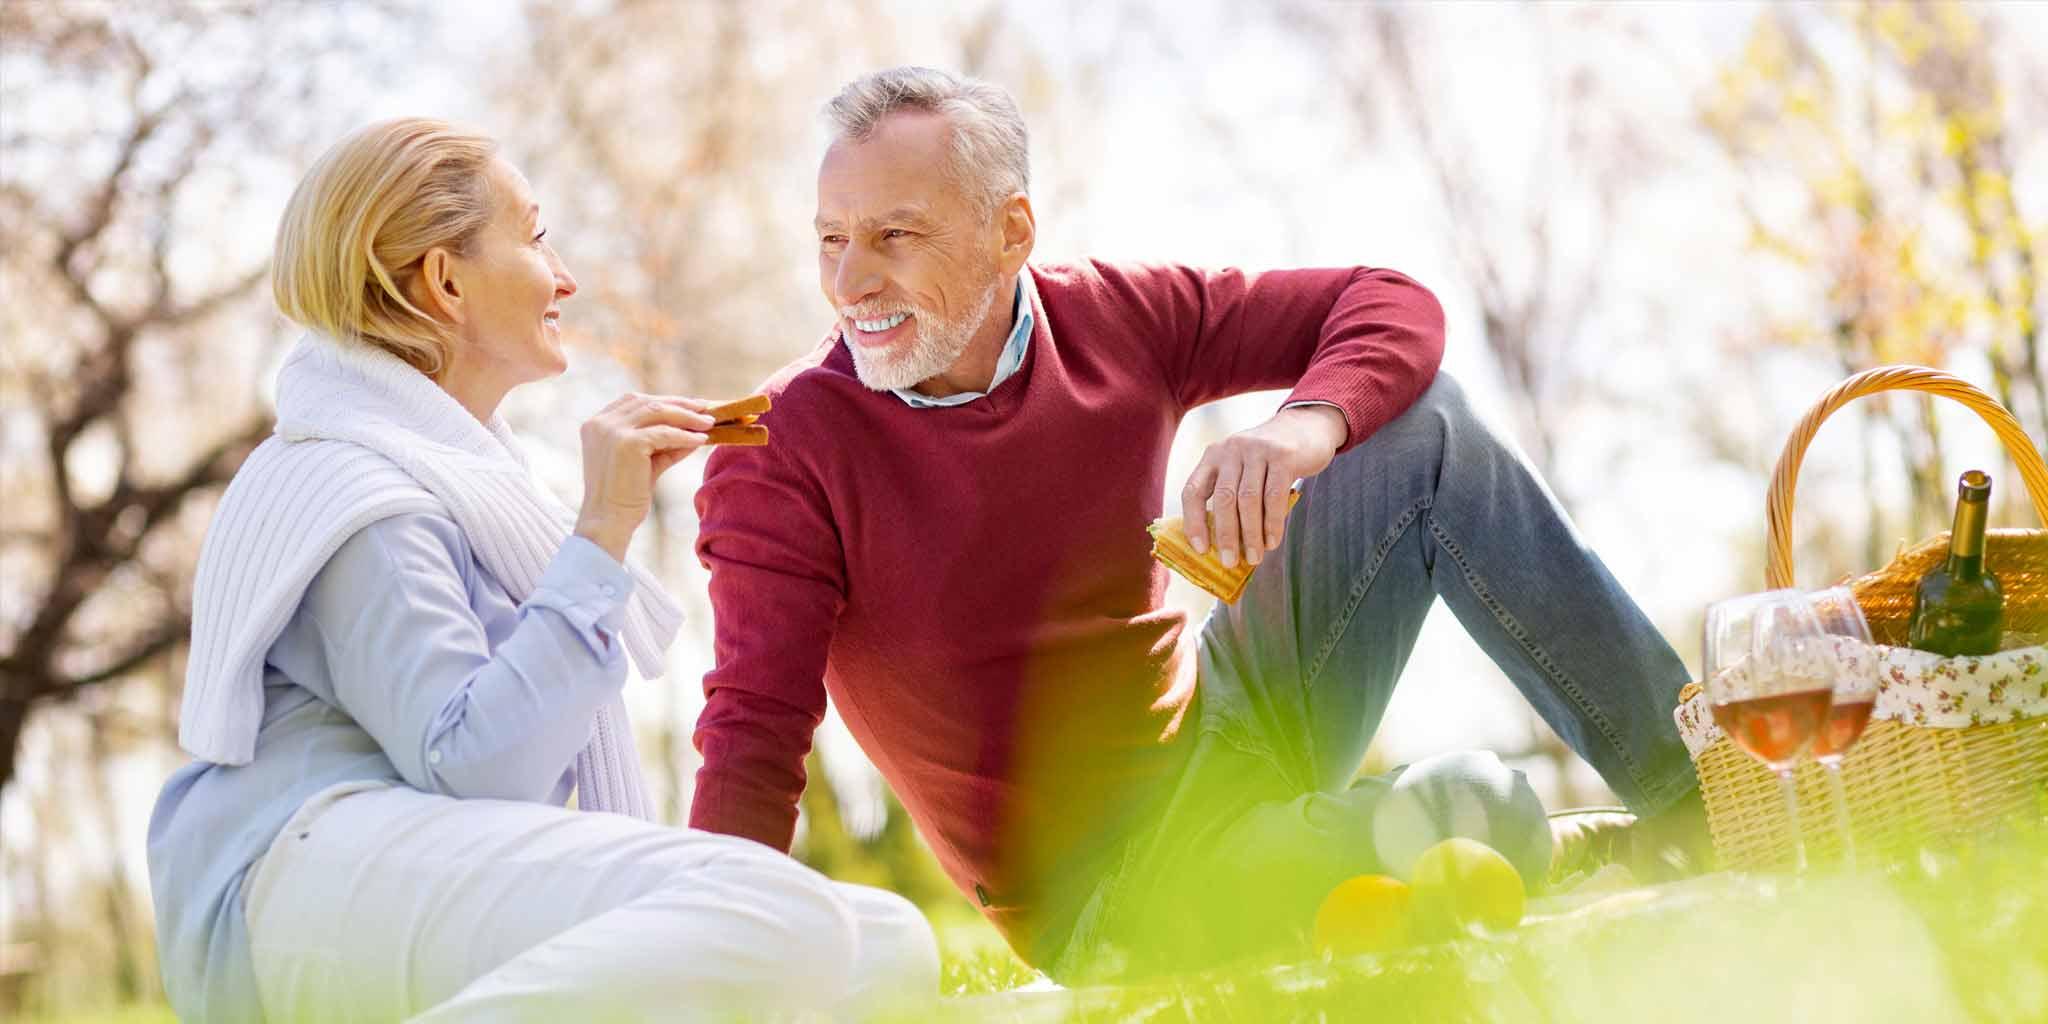 fokus50plus_preventie- man en vrouw aan het picknicken met boterhammen in hun hand